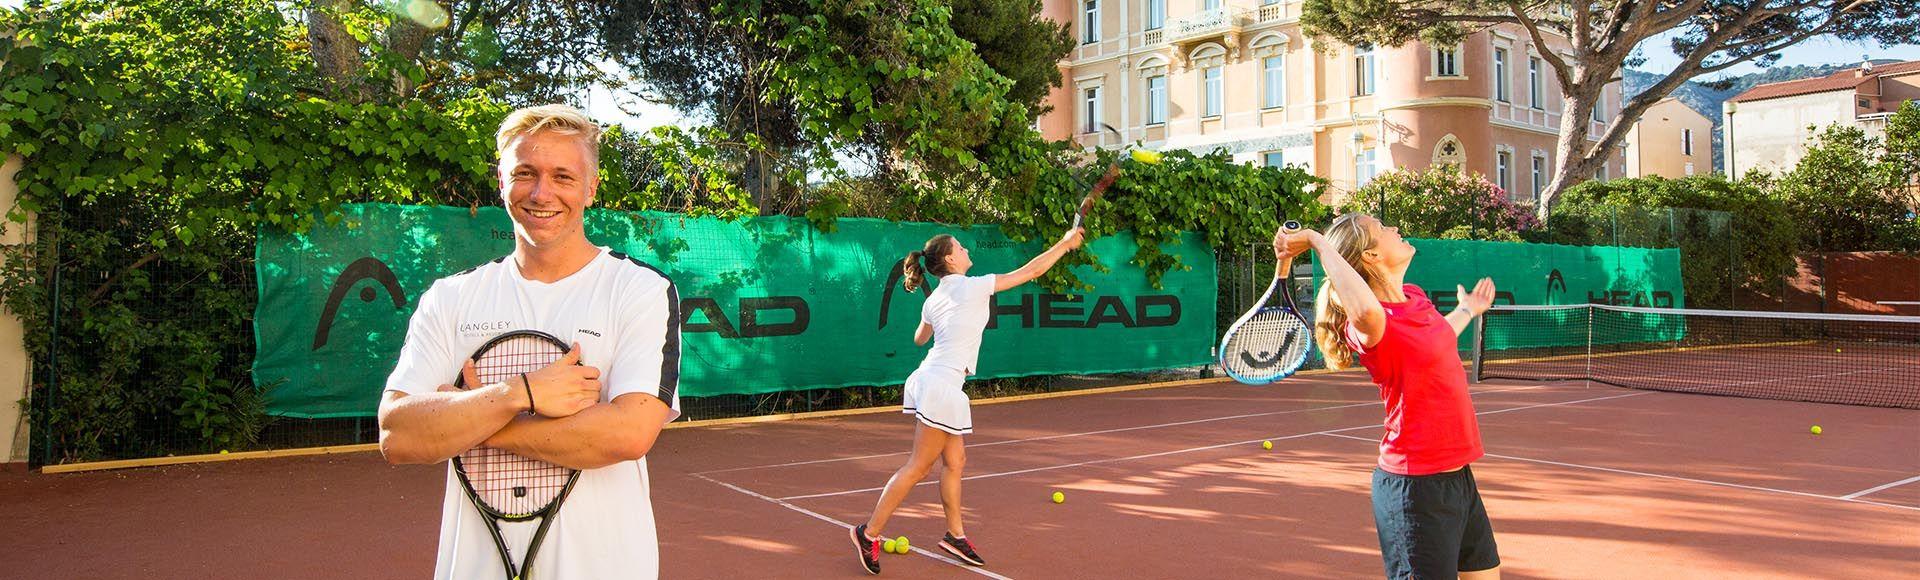 Tennis - Spela Tennis P U00e5 Semestern